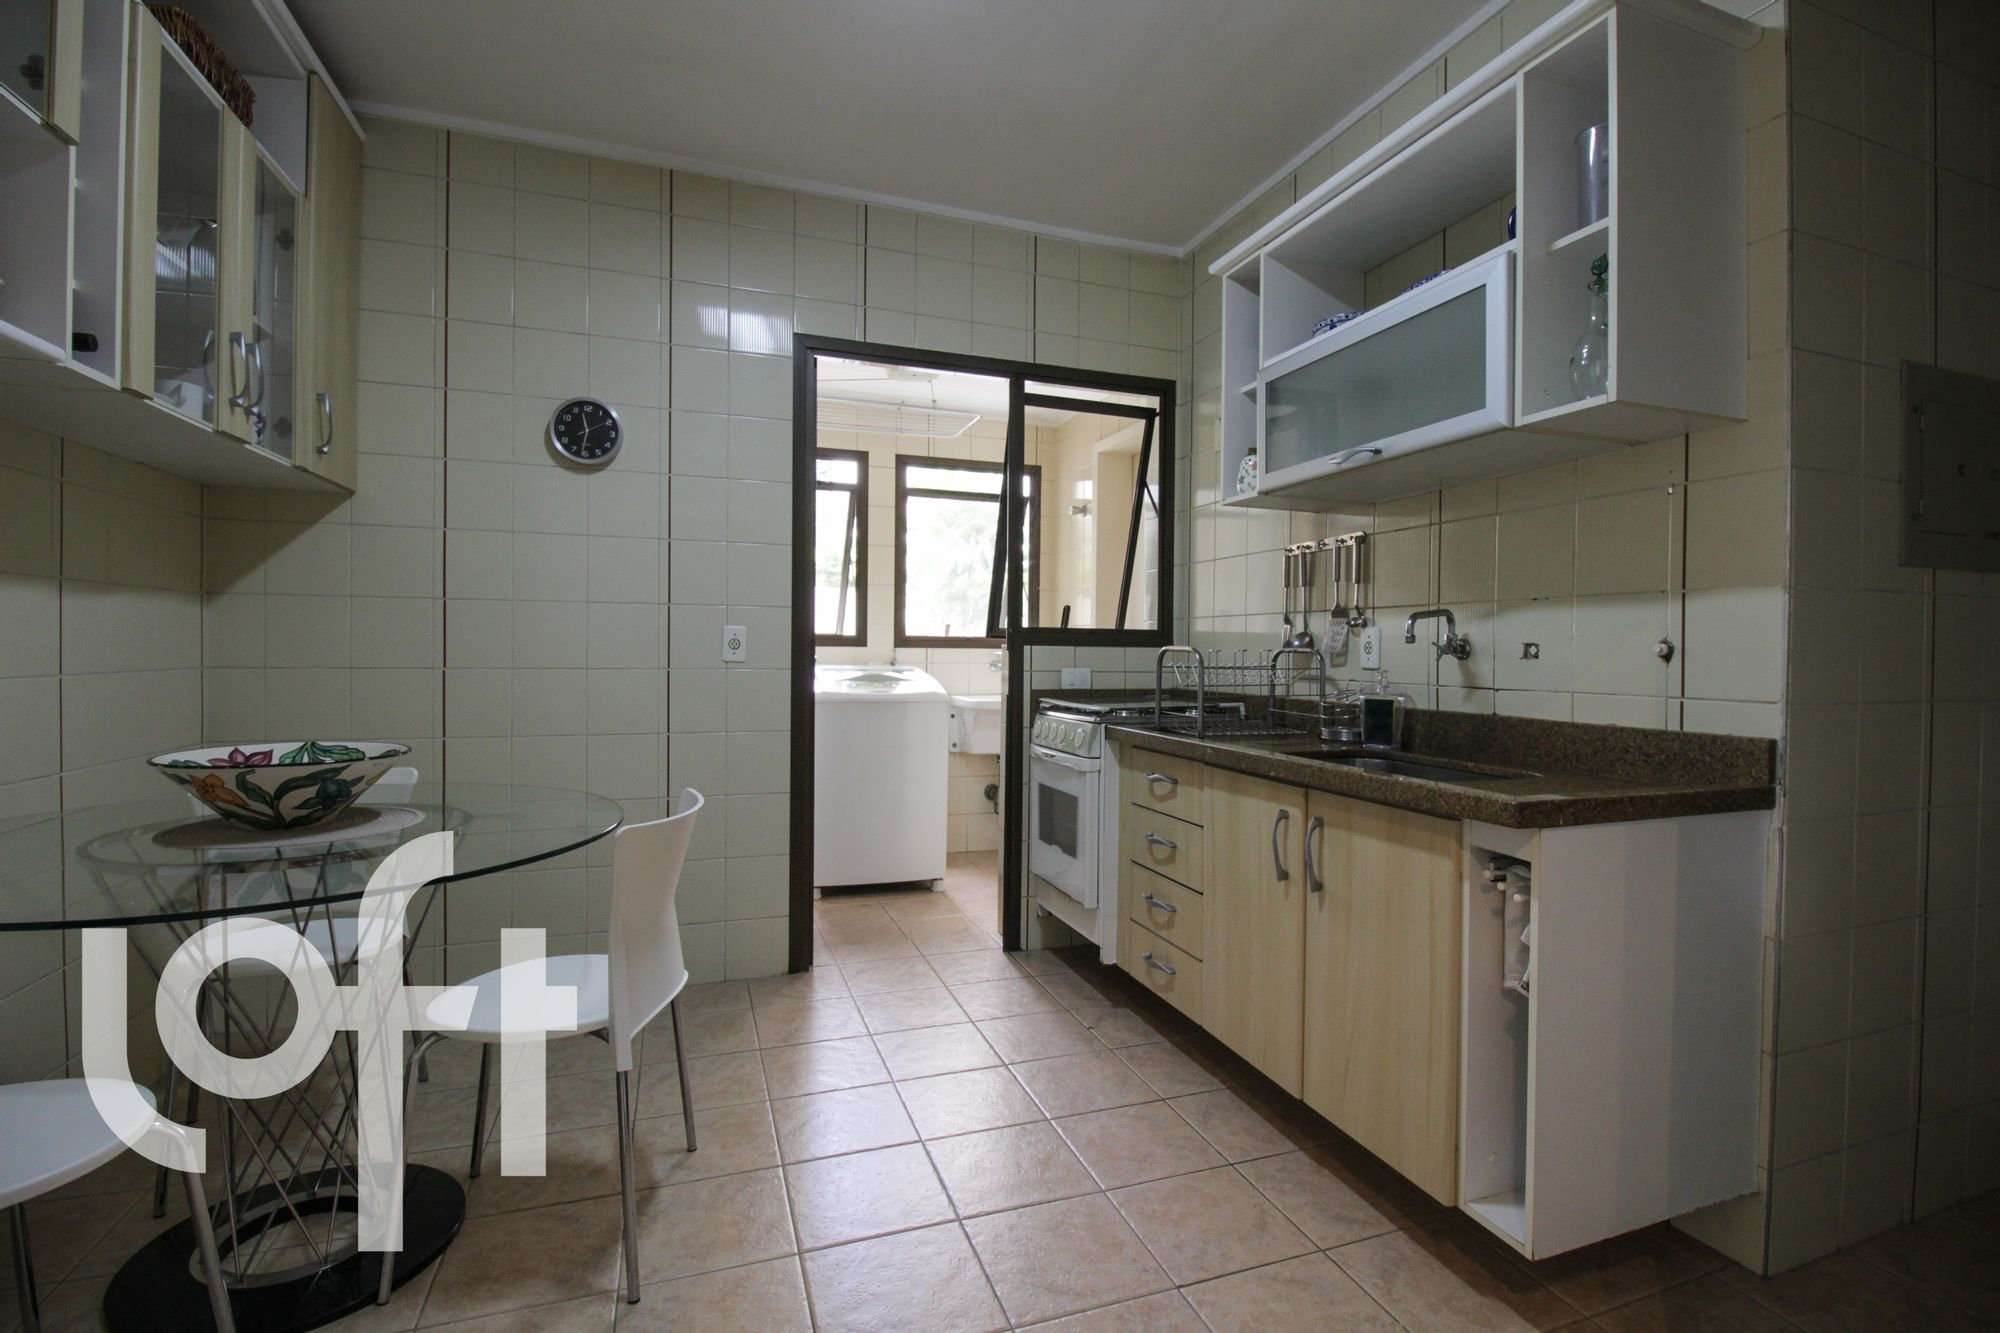 Foto de Cozinha com forno, tigela, cadeira, mesa de jantar